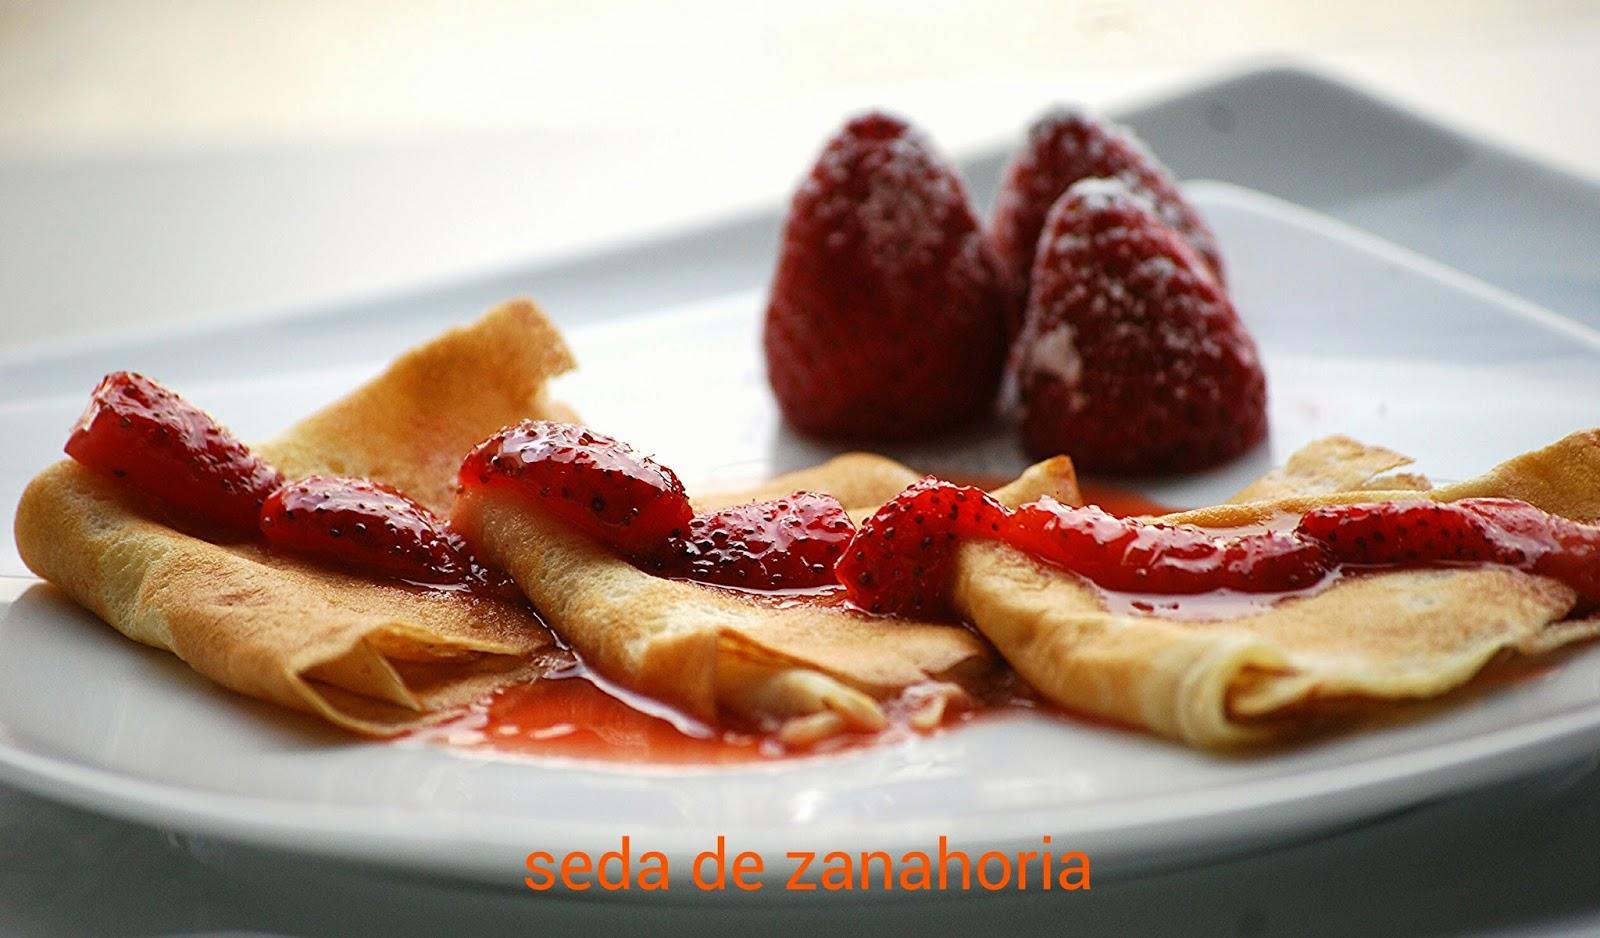 Seda de zanahoria crepes con salsa de fresa for Salsa para crepes